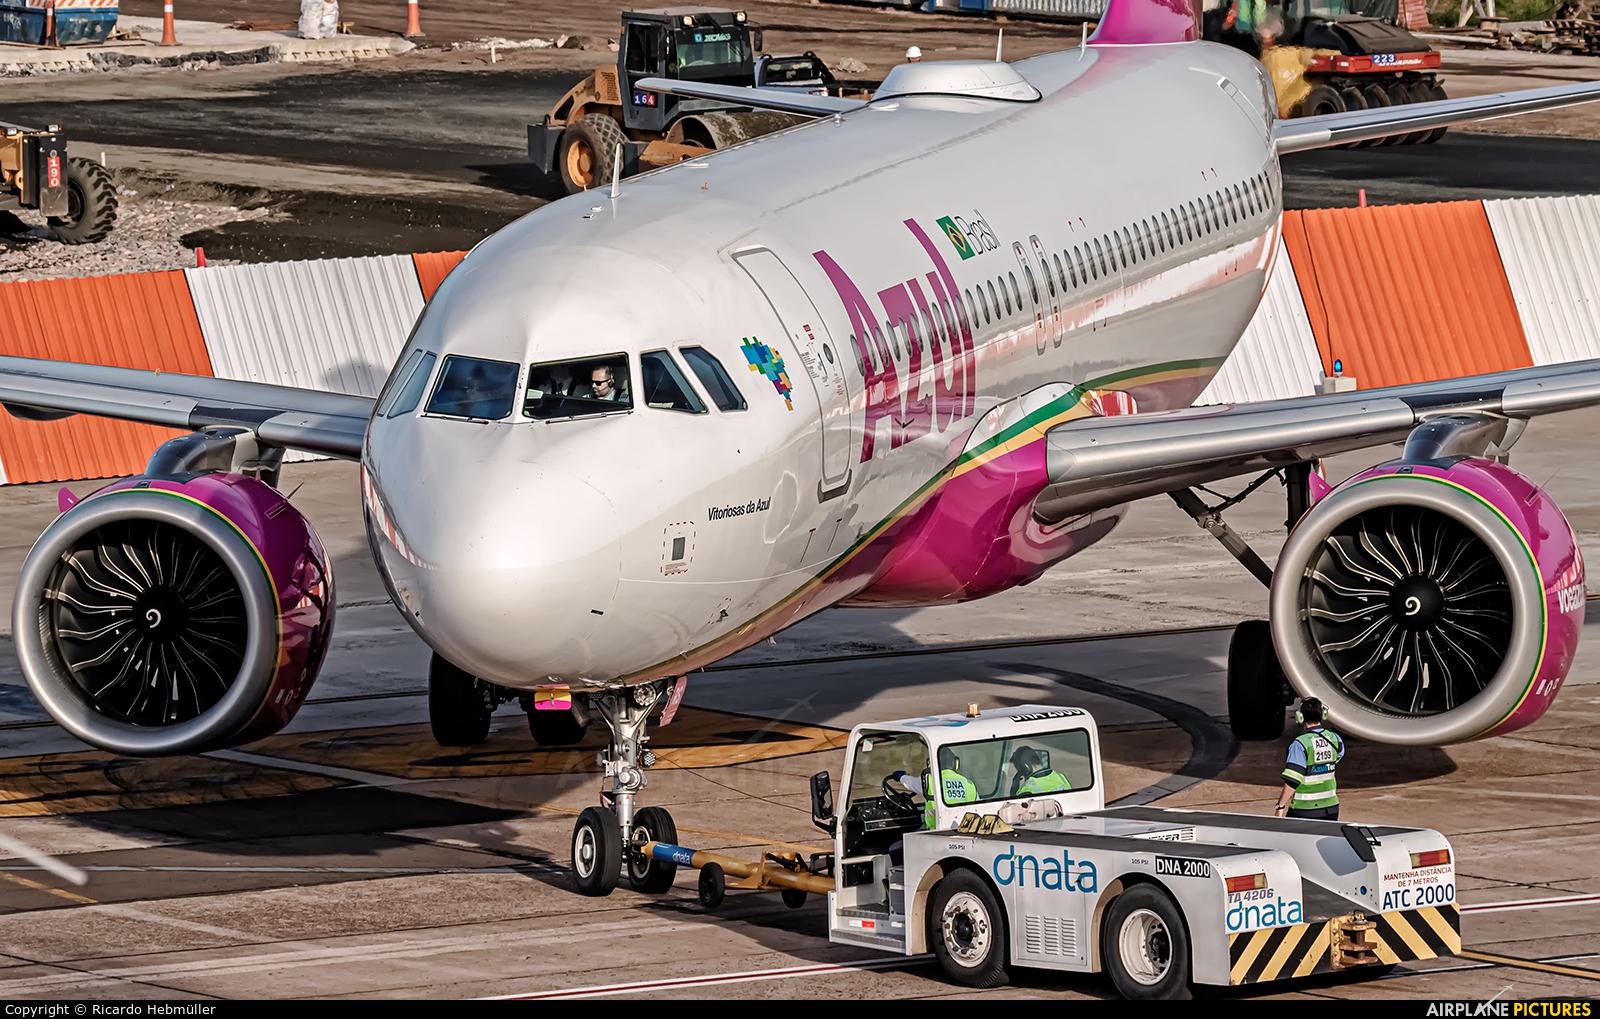 Azul Linhas Aéreas PR-YRS aircraft at Porto Alegre - Salgado Filho